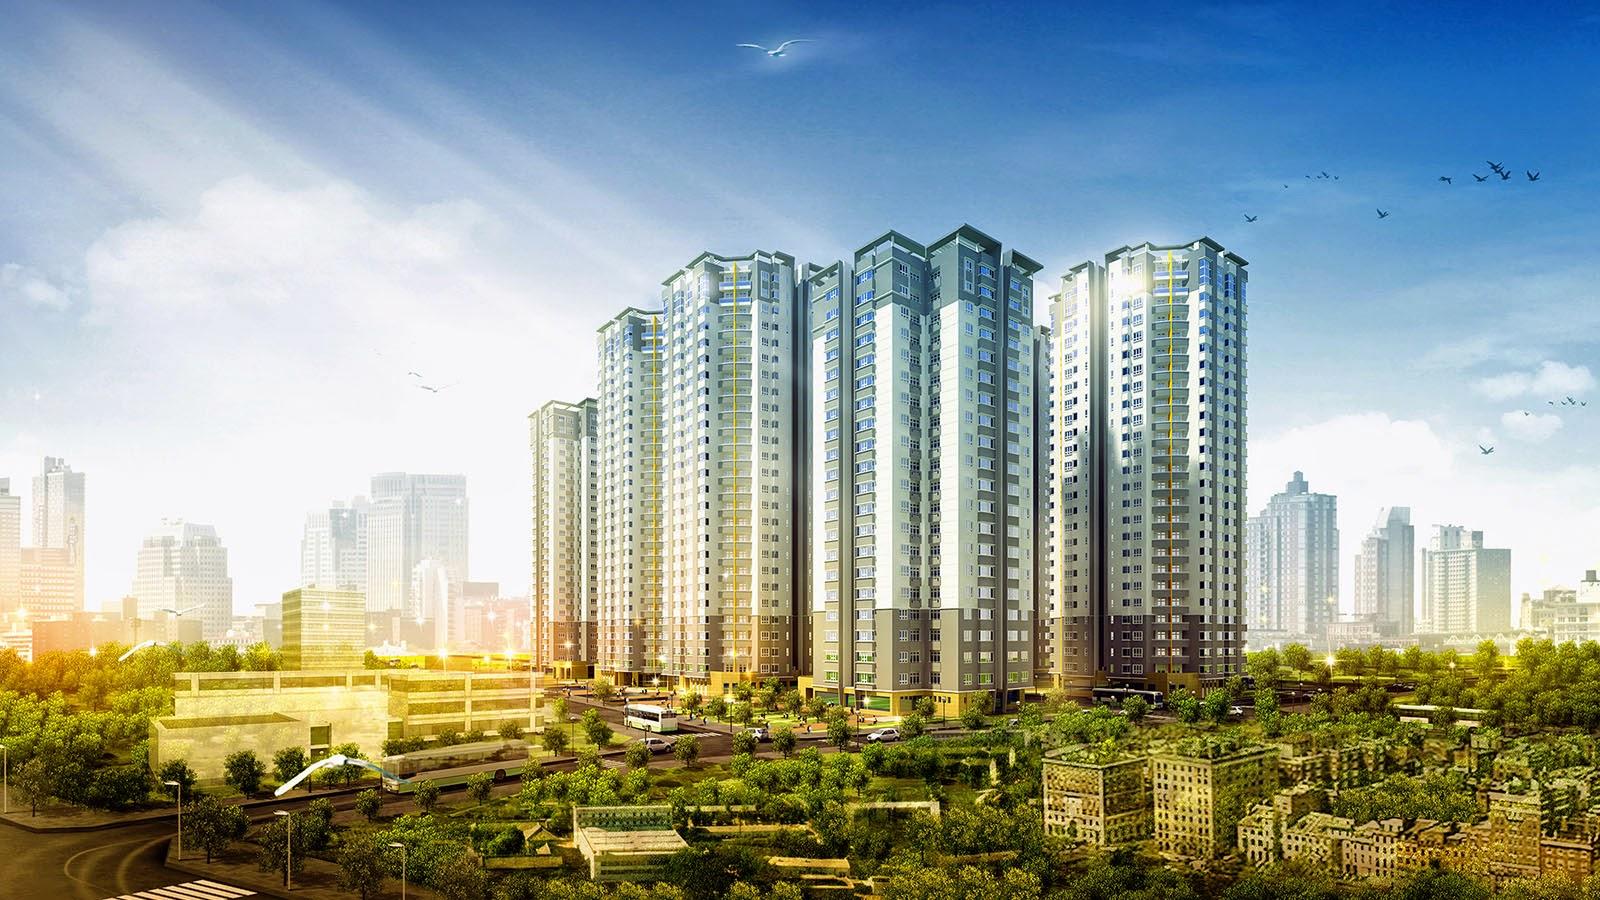 du-an-chung-cu-vincity-ha-noi-gia-lam-phoi-canh-du-an Giá gốc căn hộ chung cư Vincity Gia lâm